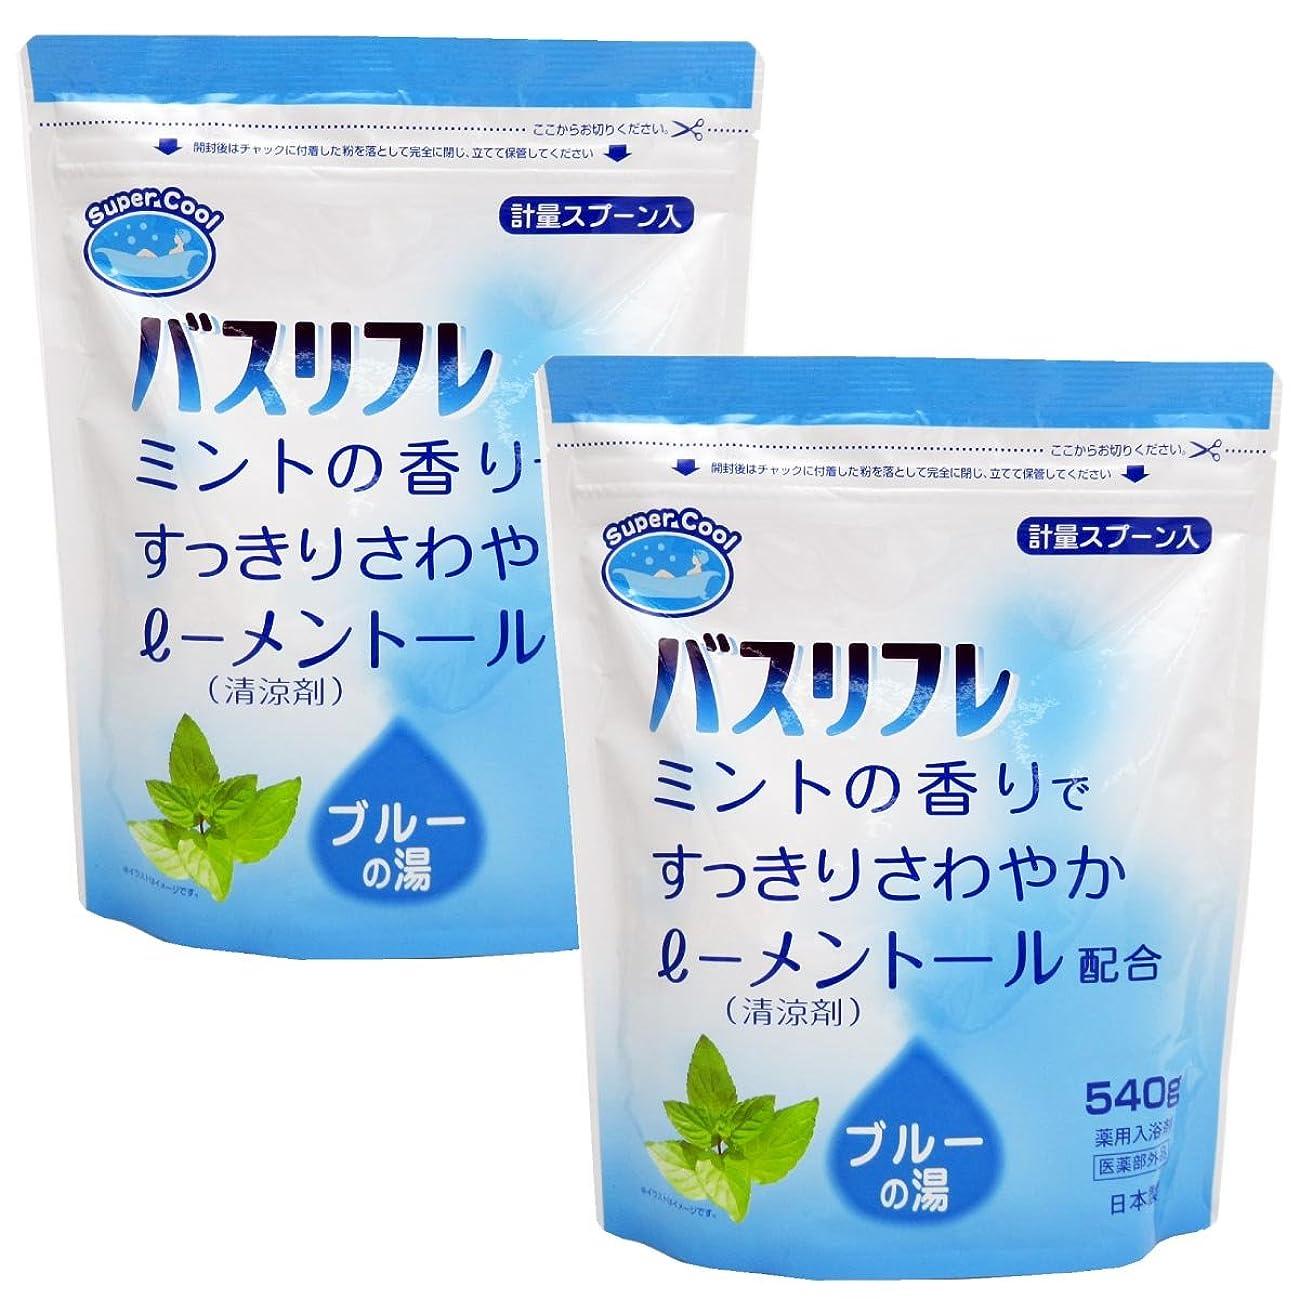 成熟対角線傾斜入浴剤 クール 薬用入浴剤 バスリフレ スーパークール540g×2個セット 日本製